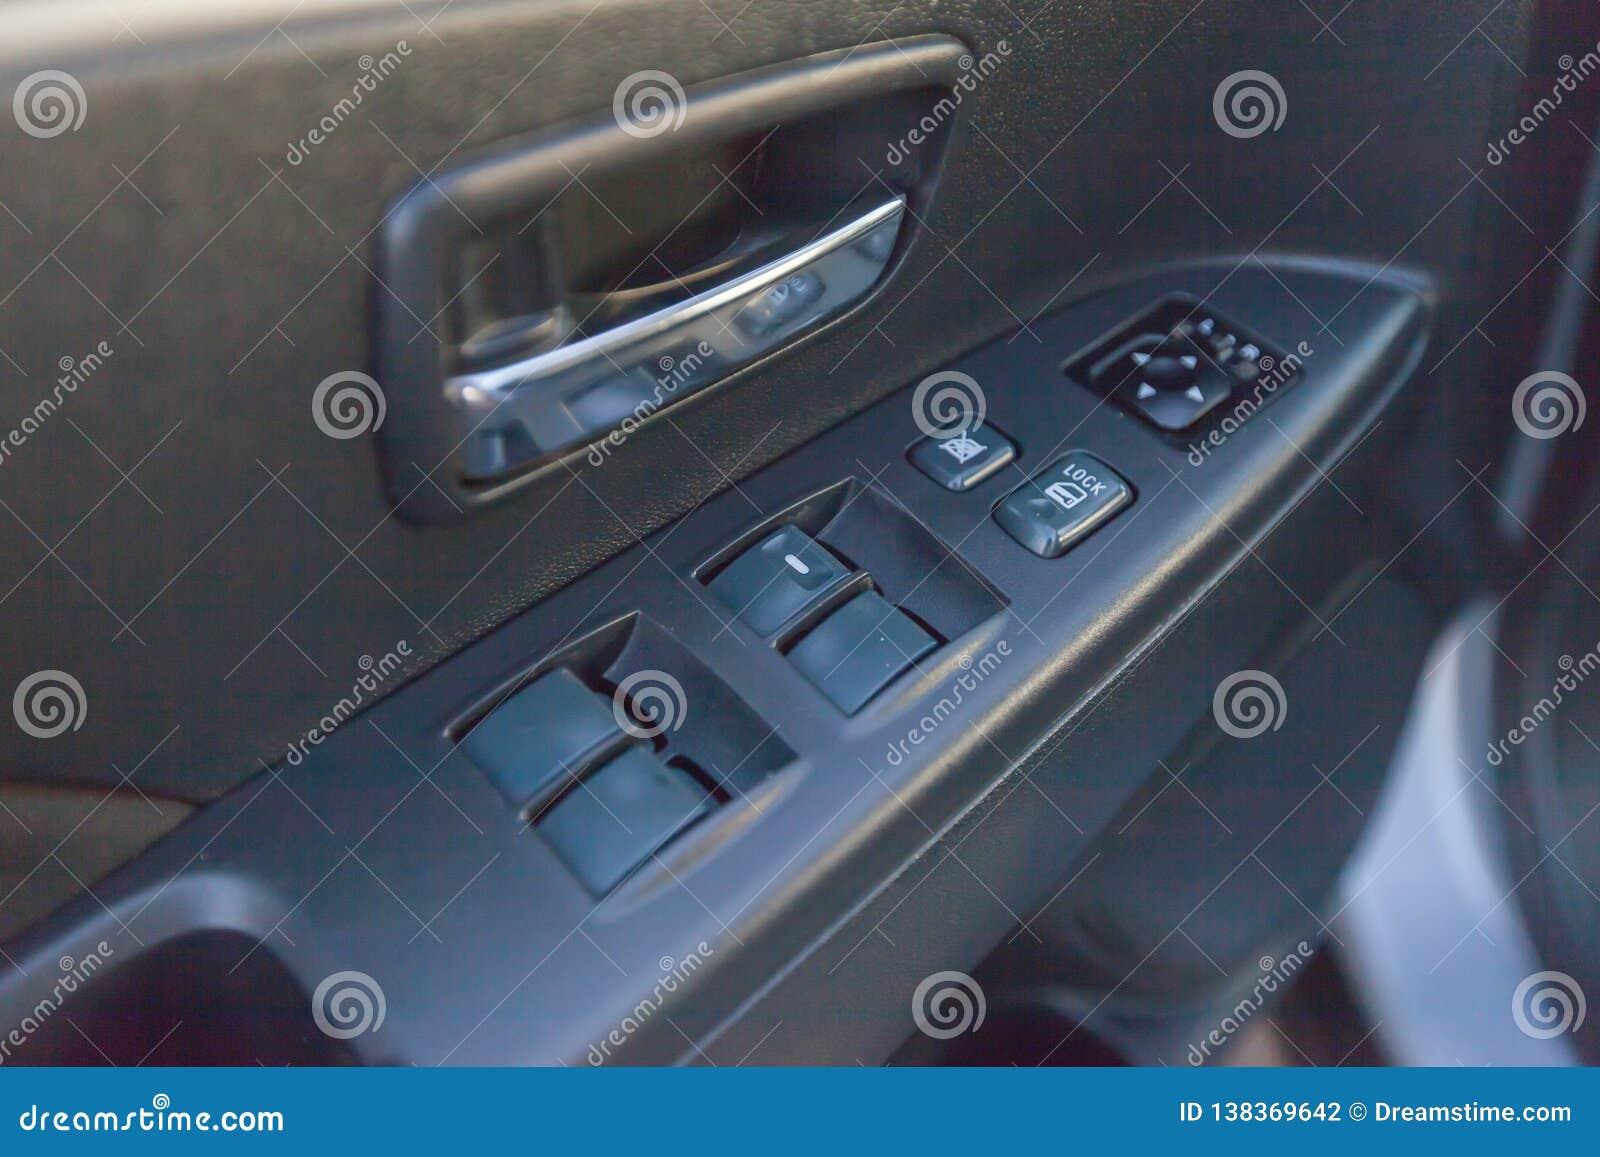 Knöpfe von Fensterreglern in einer Automobiltür